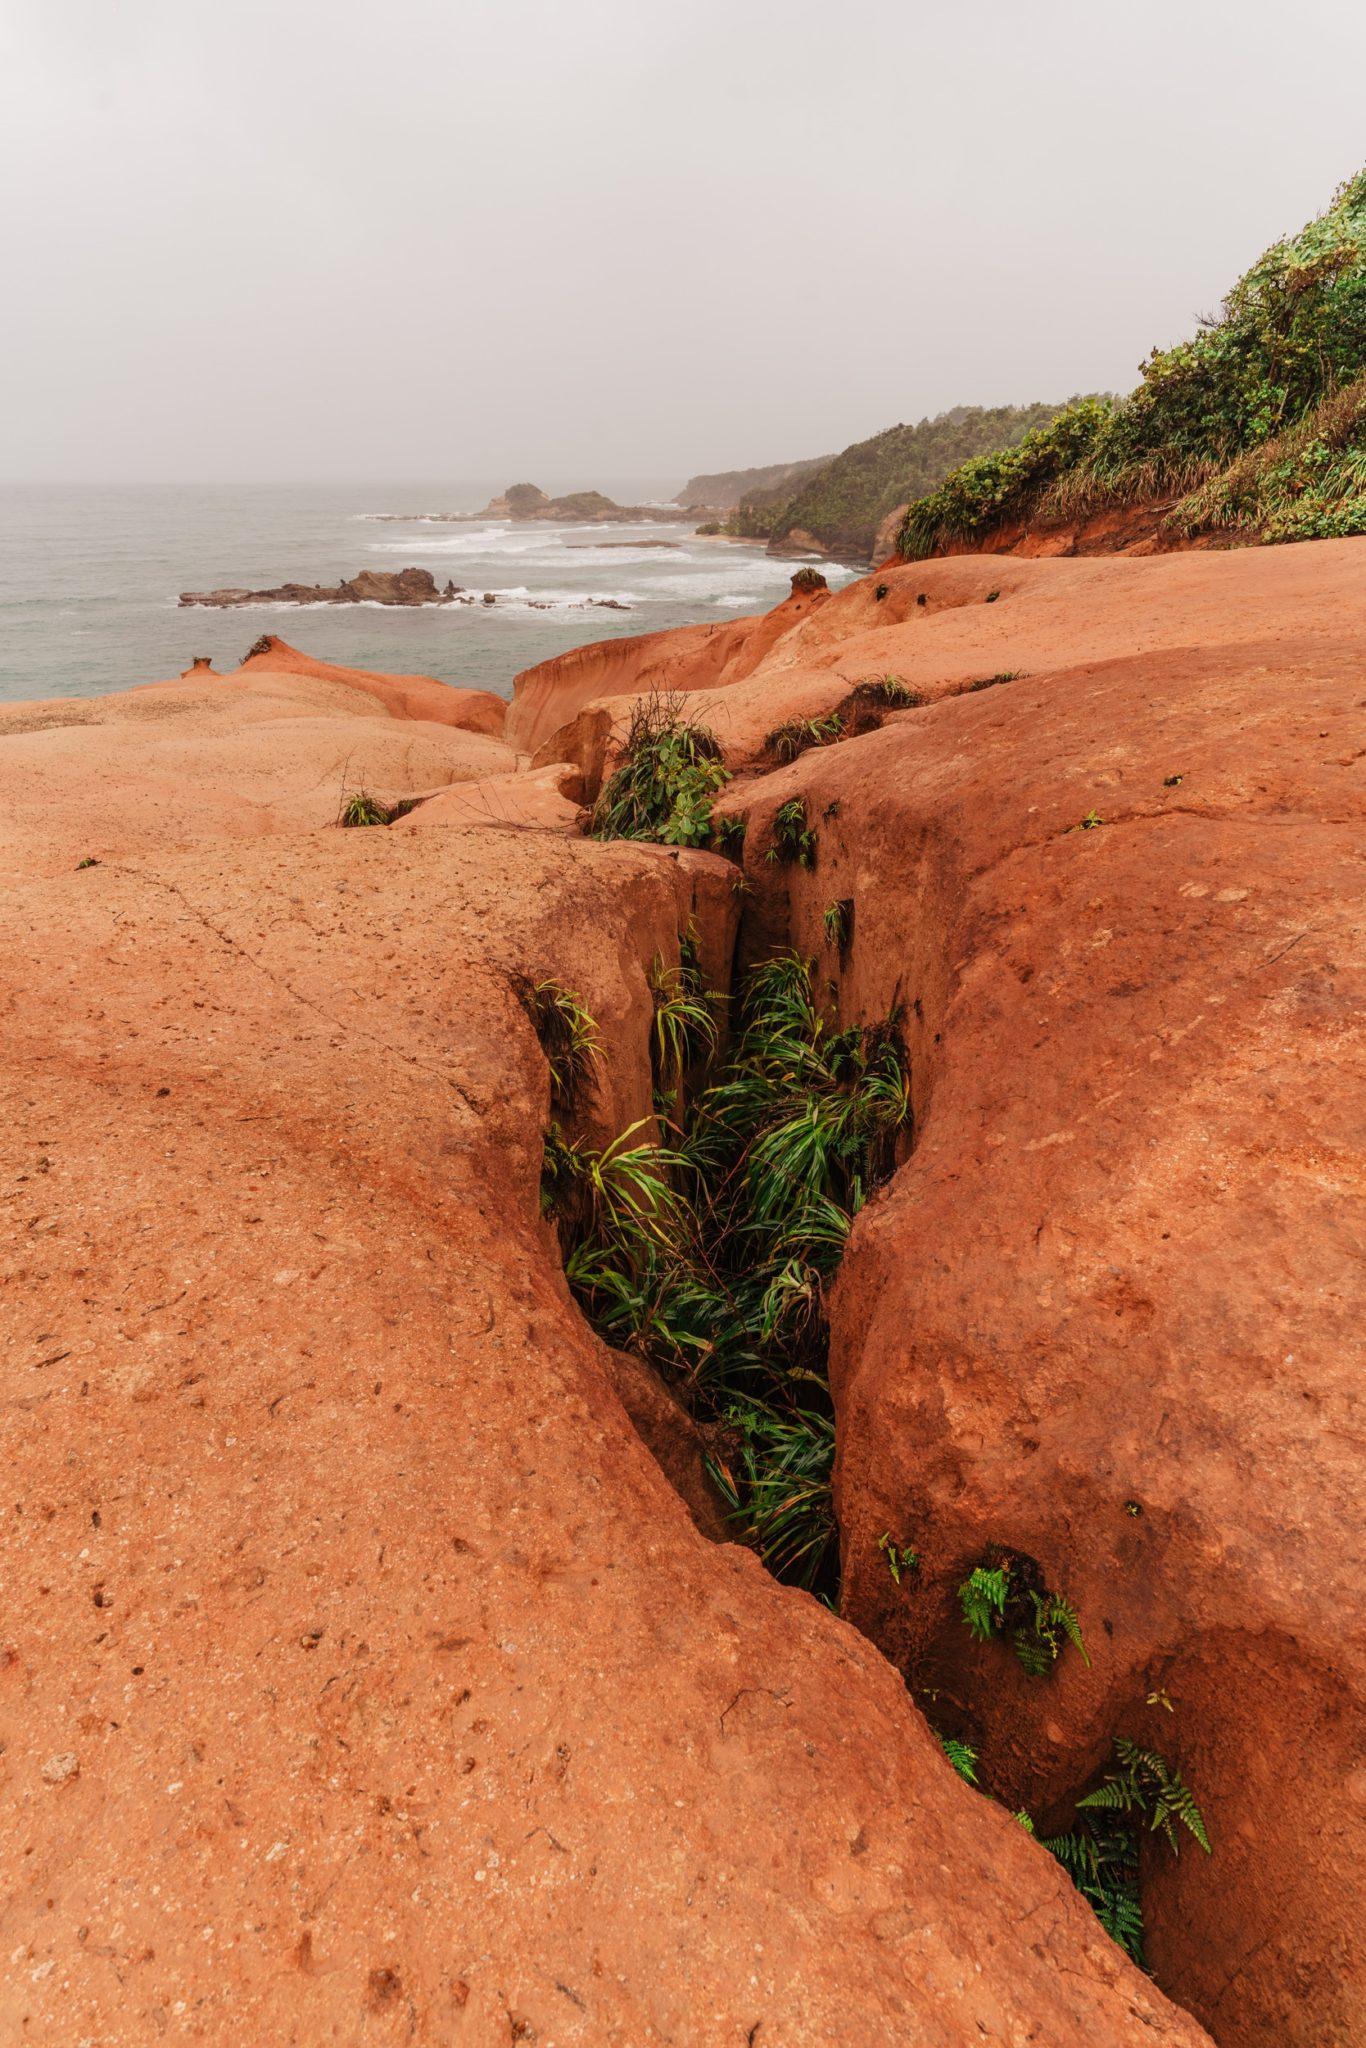 Red Rocks, Dominique